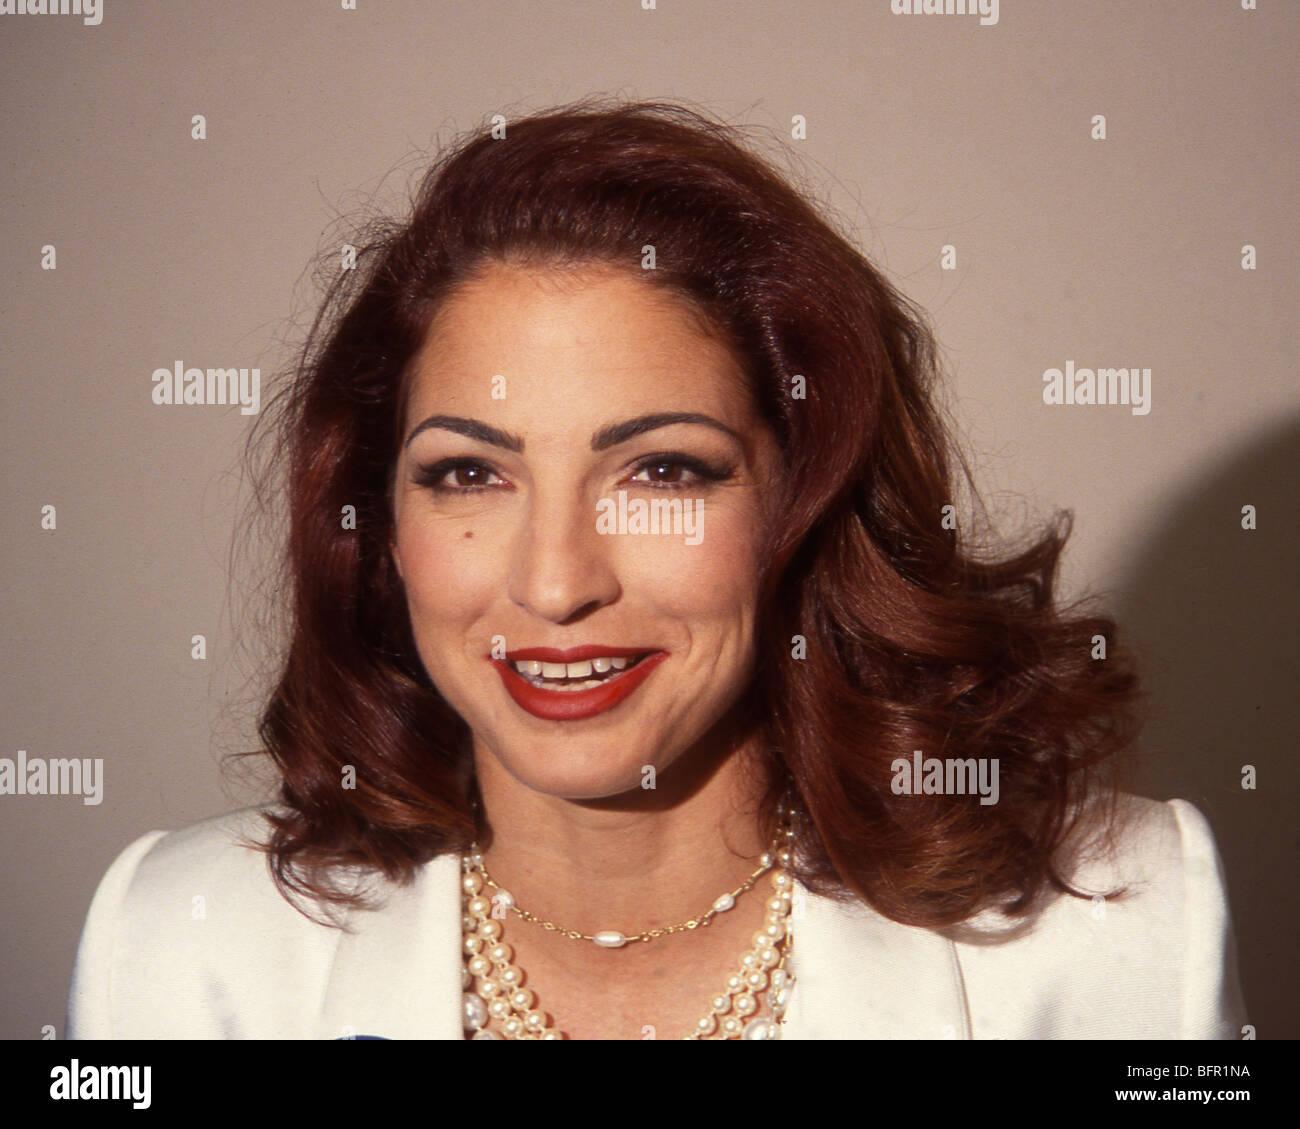 GLORIA ESTEFAN - Latein-amerikanischen Sängerin im Jahr 1993 Stockbild